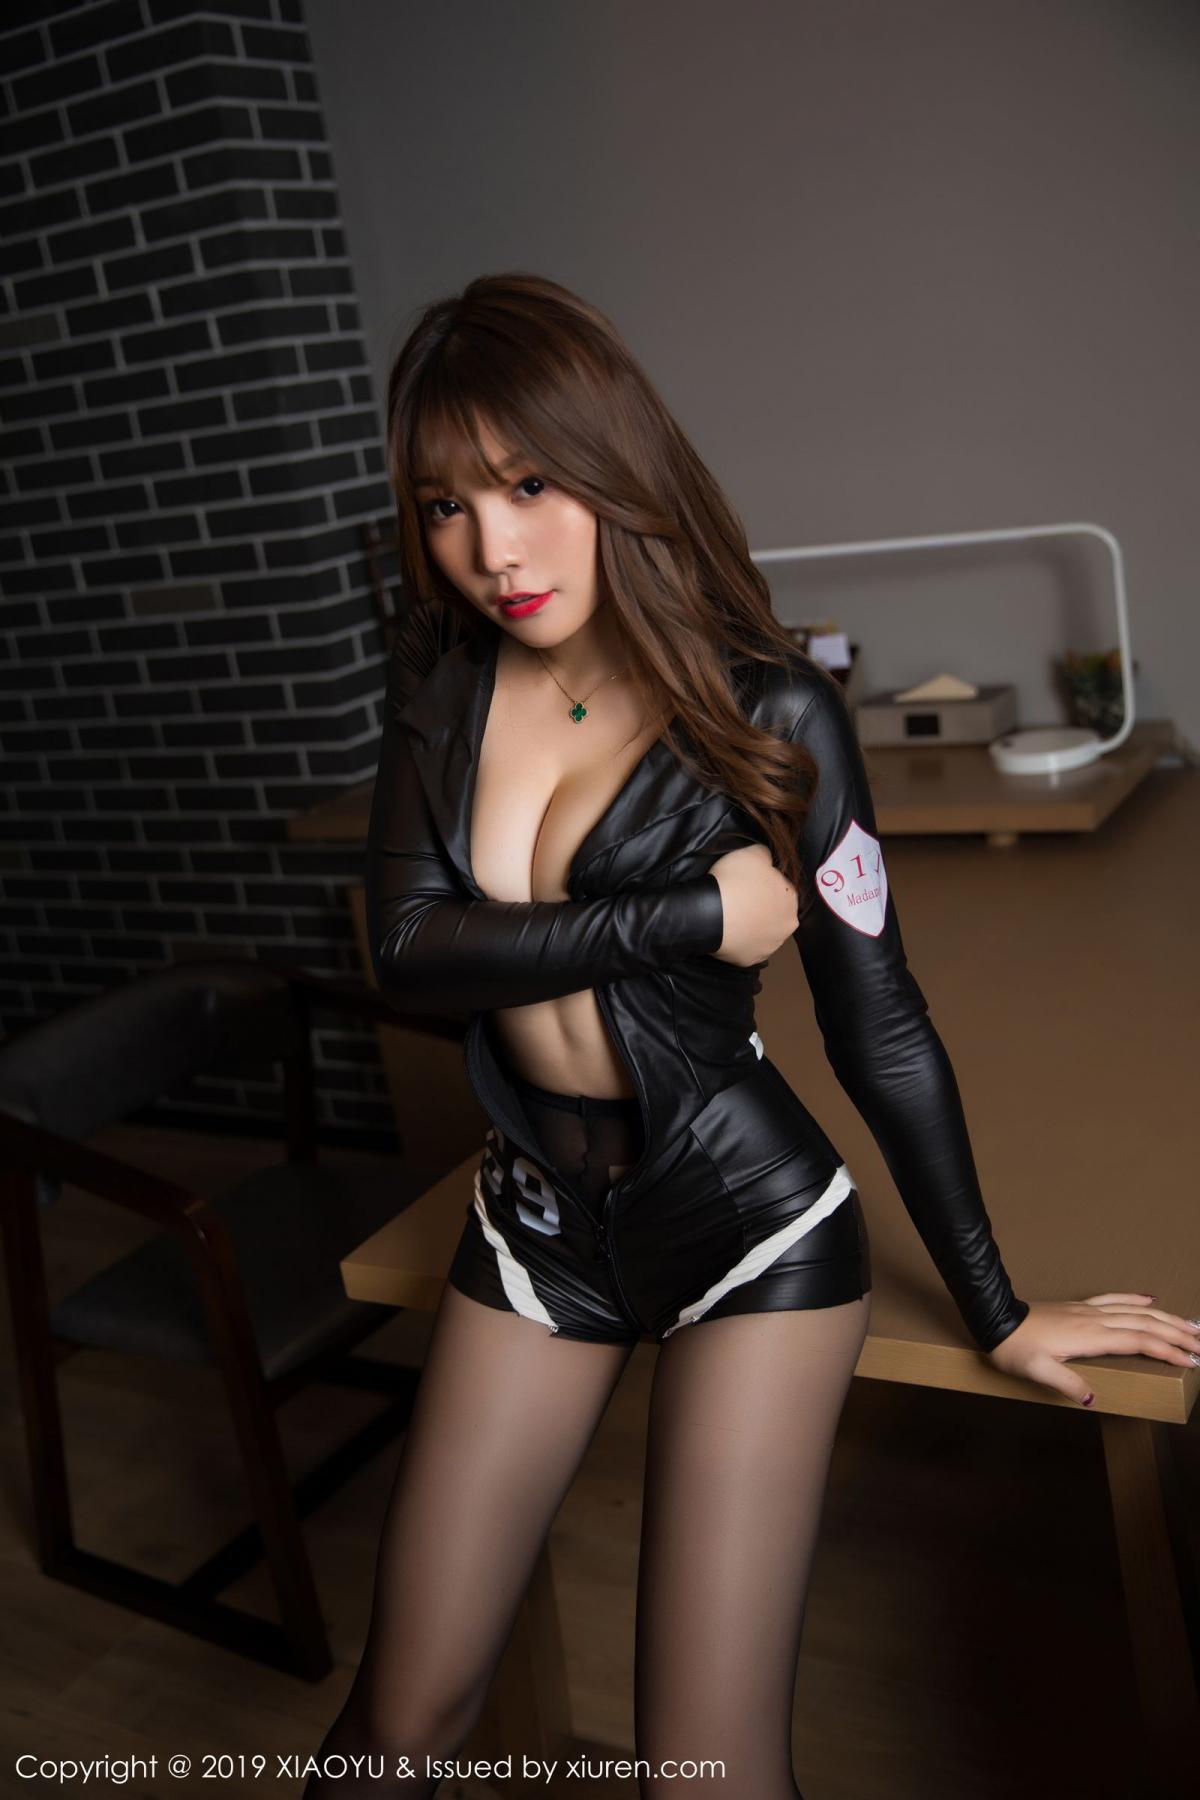 [XiaoYu] Vol.151 Chen Zhi 24P, Adult, Chen Zhi, XiaoYu